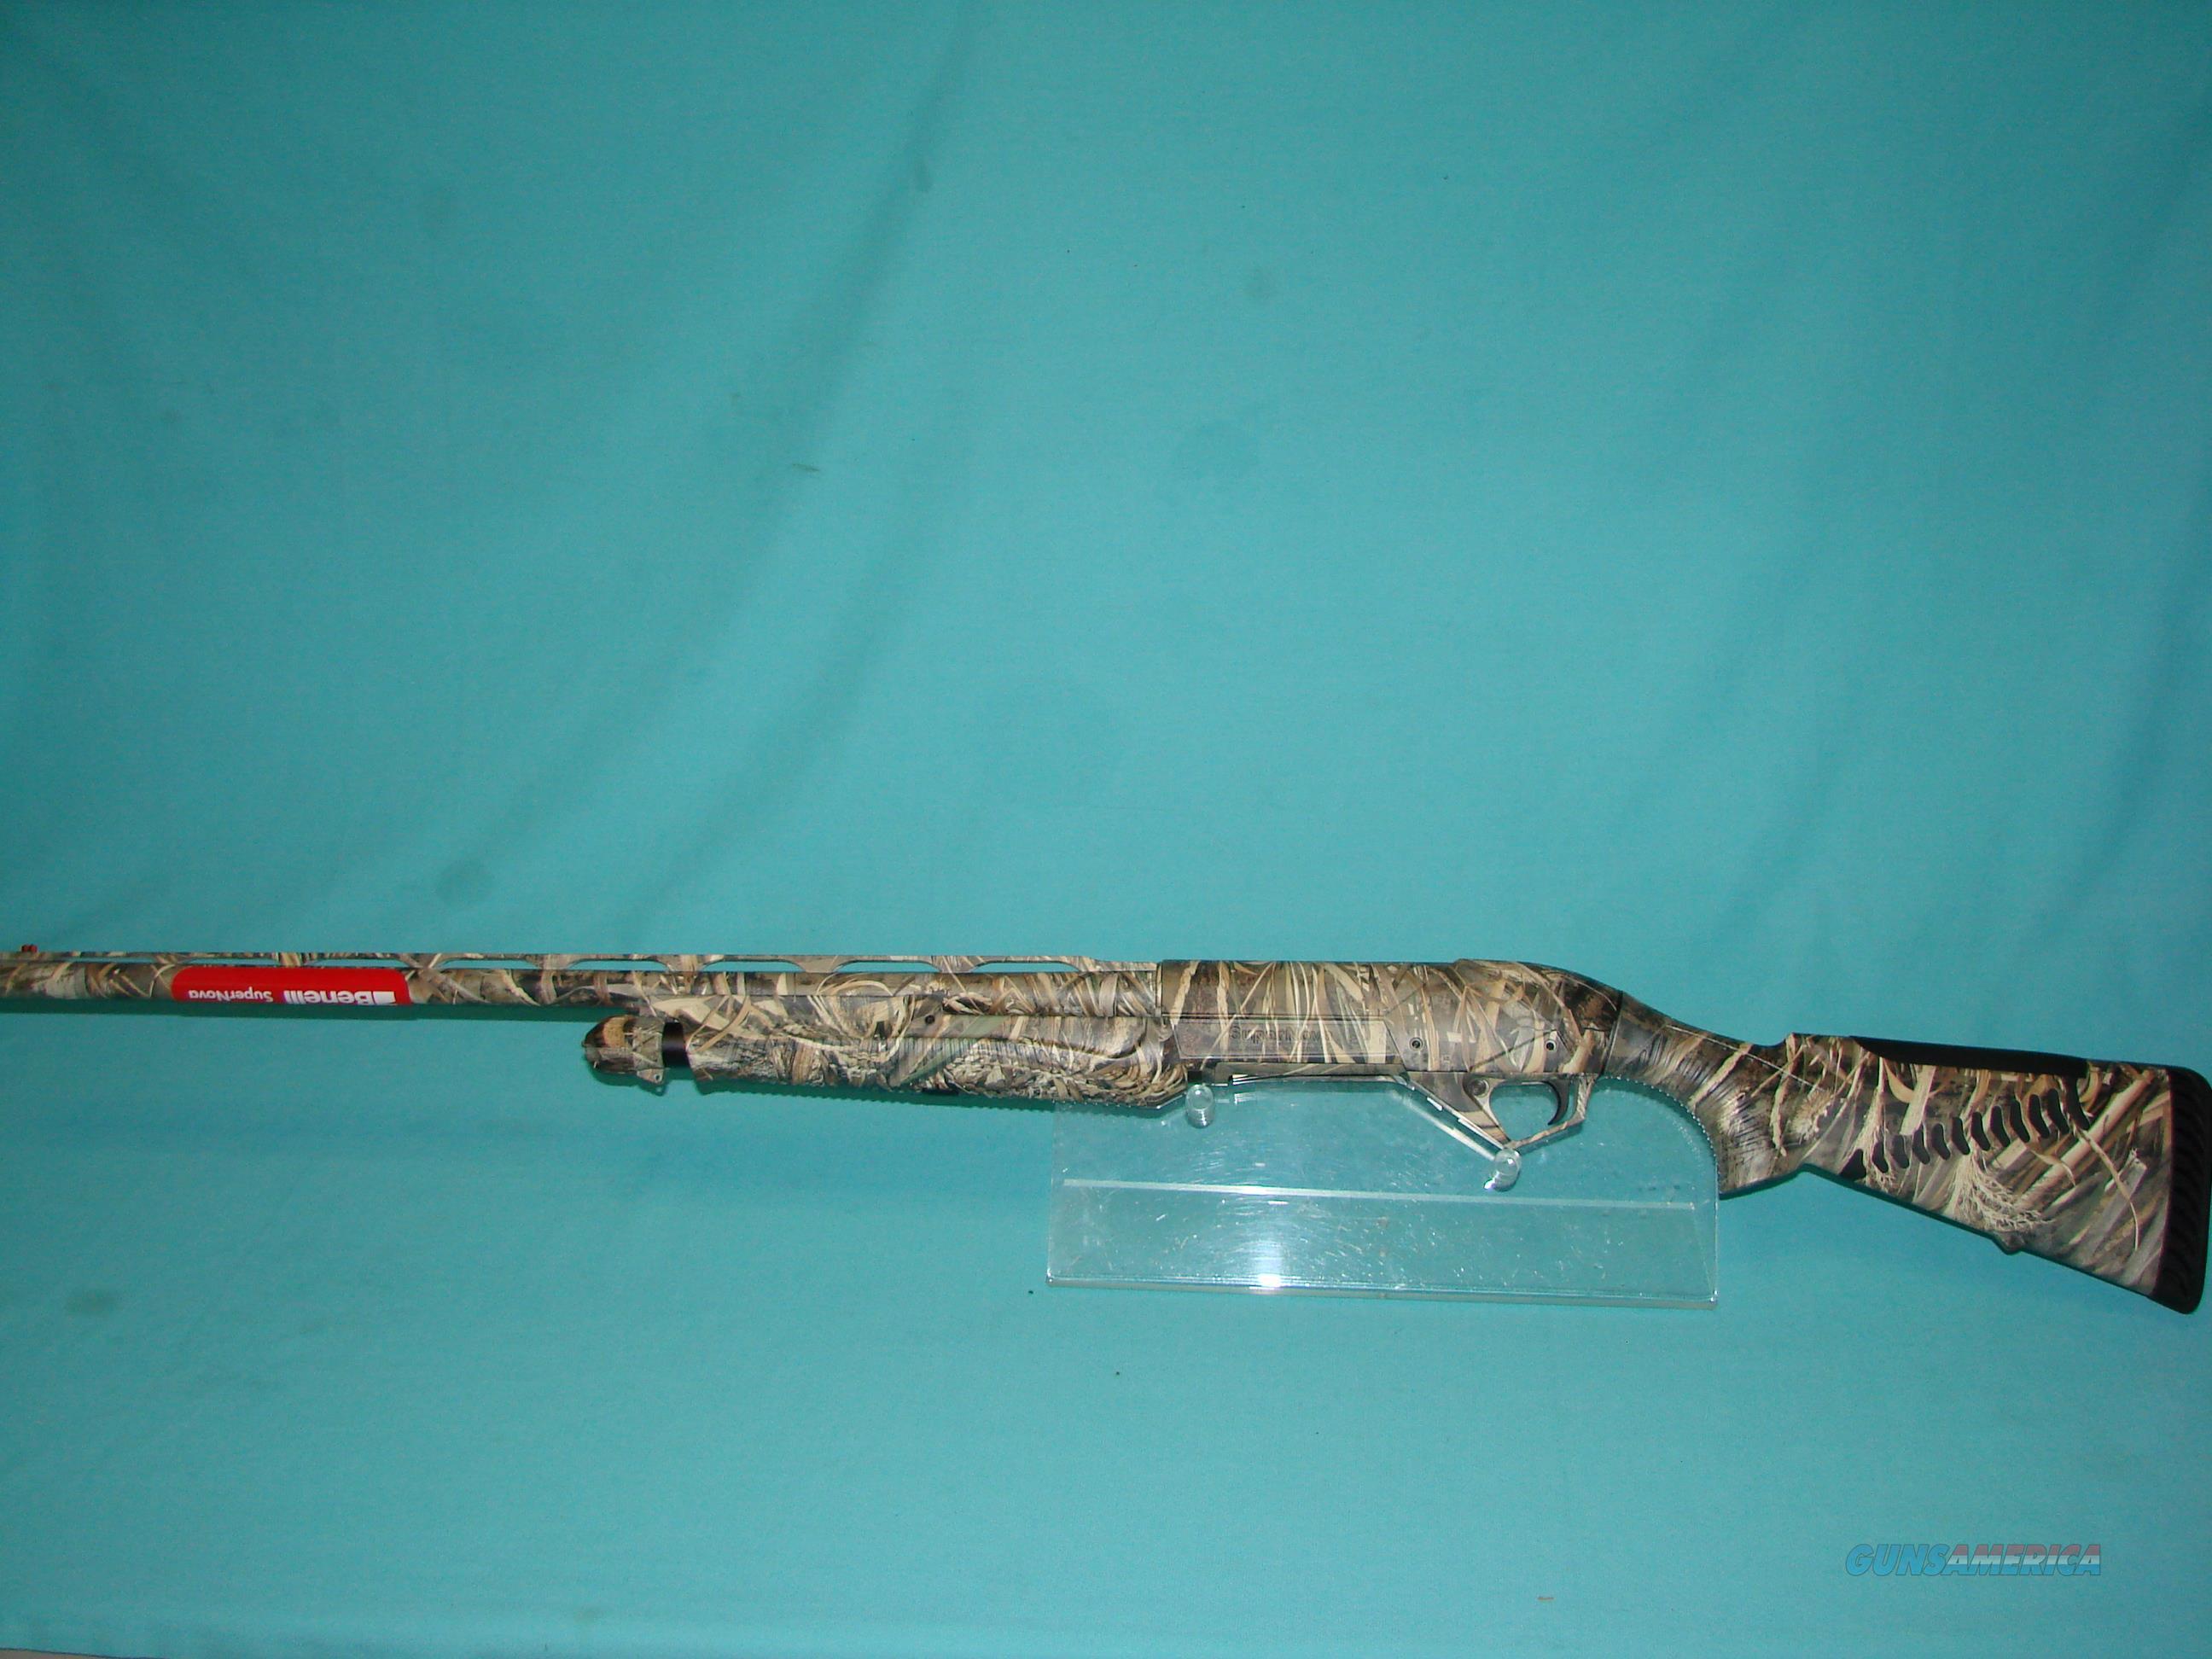 Benelli Super Nova Camo  Guns > Shotguns > Benelli Shotguns > Sporting